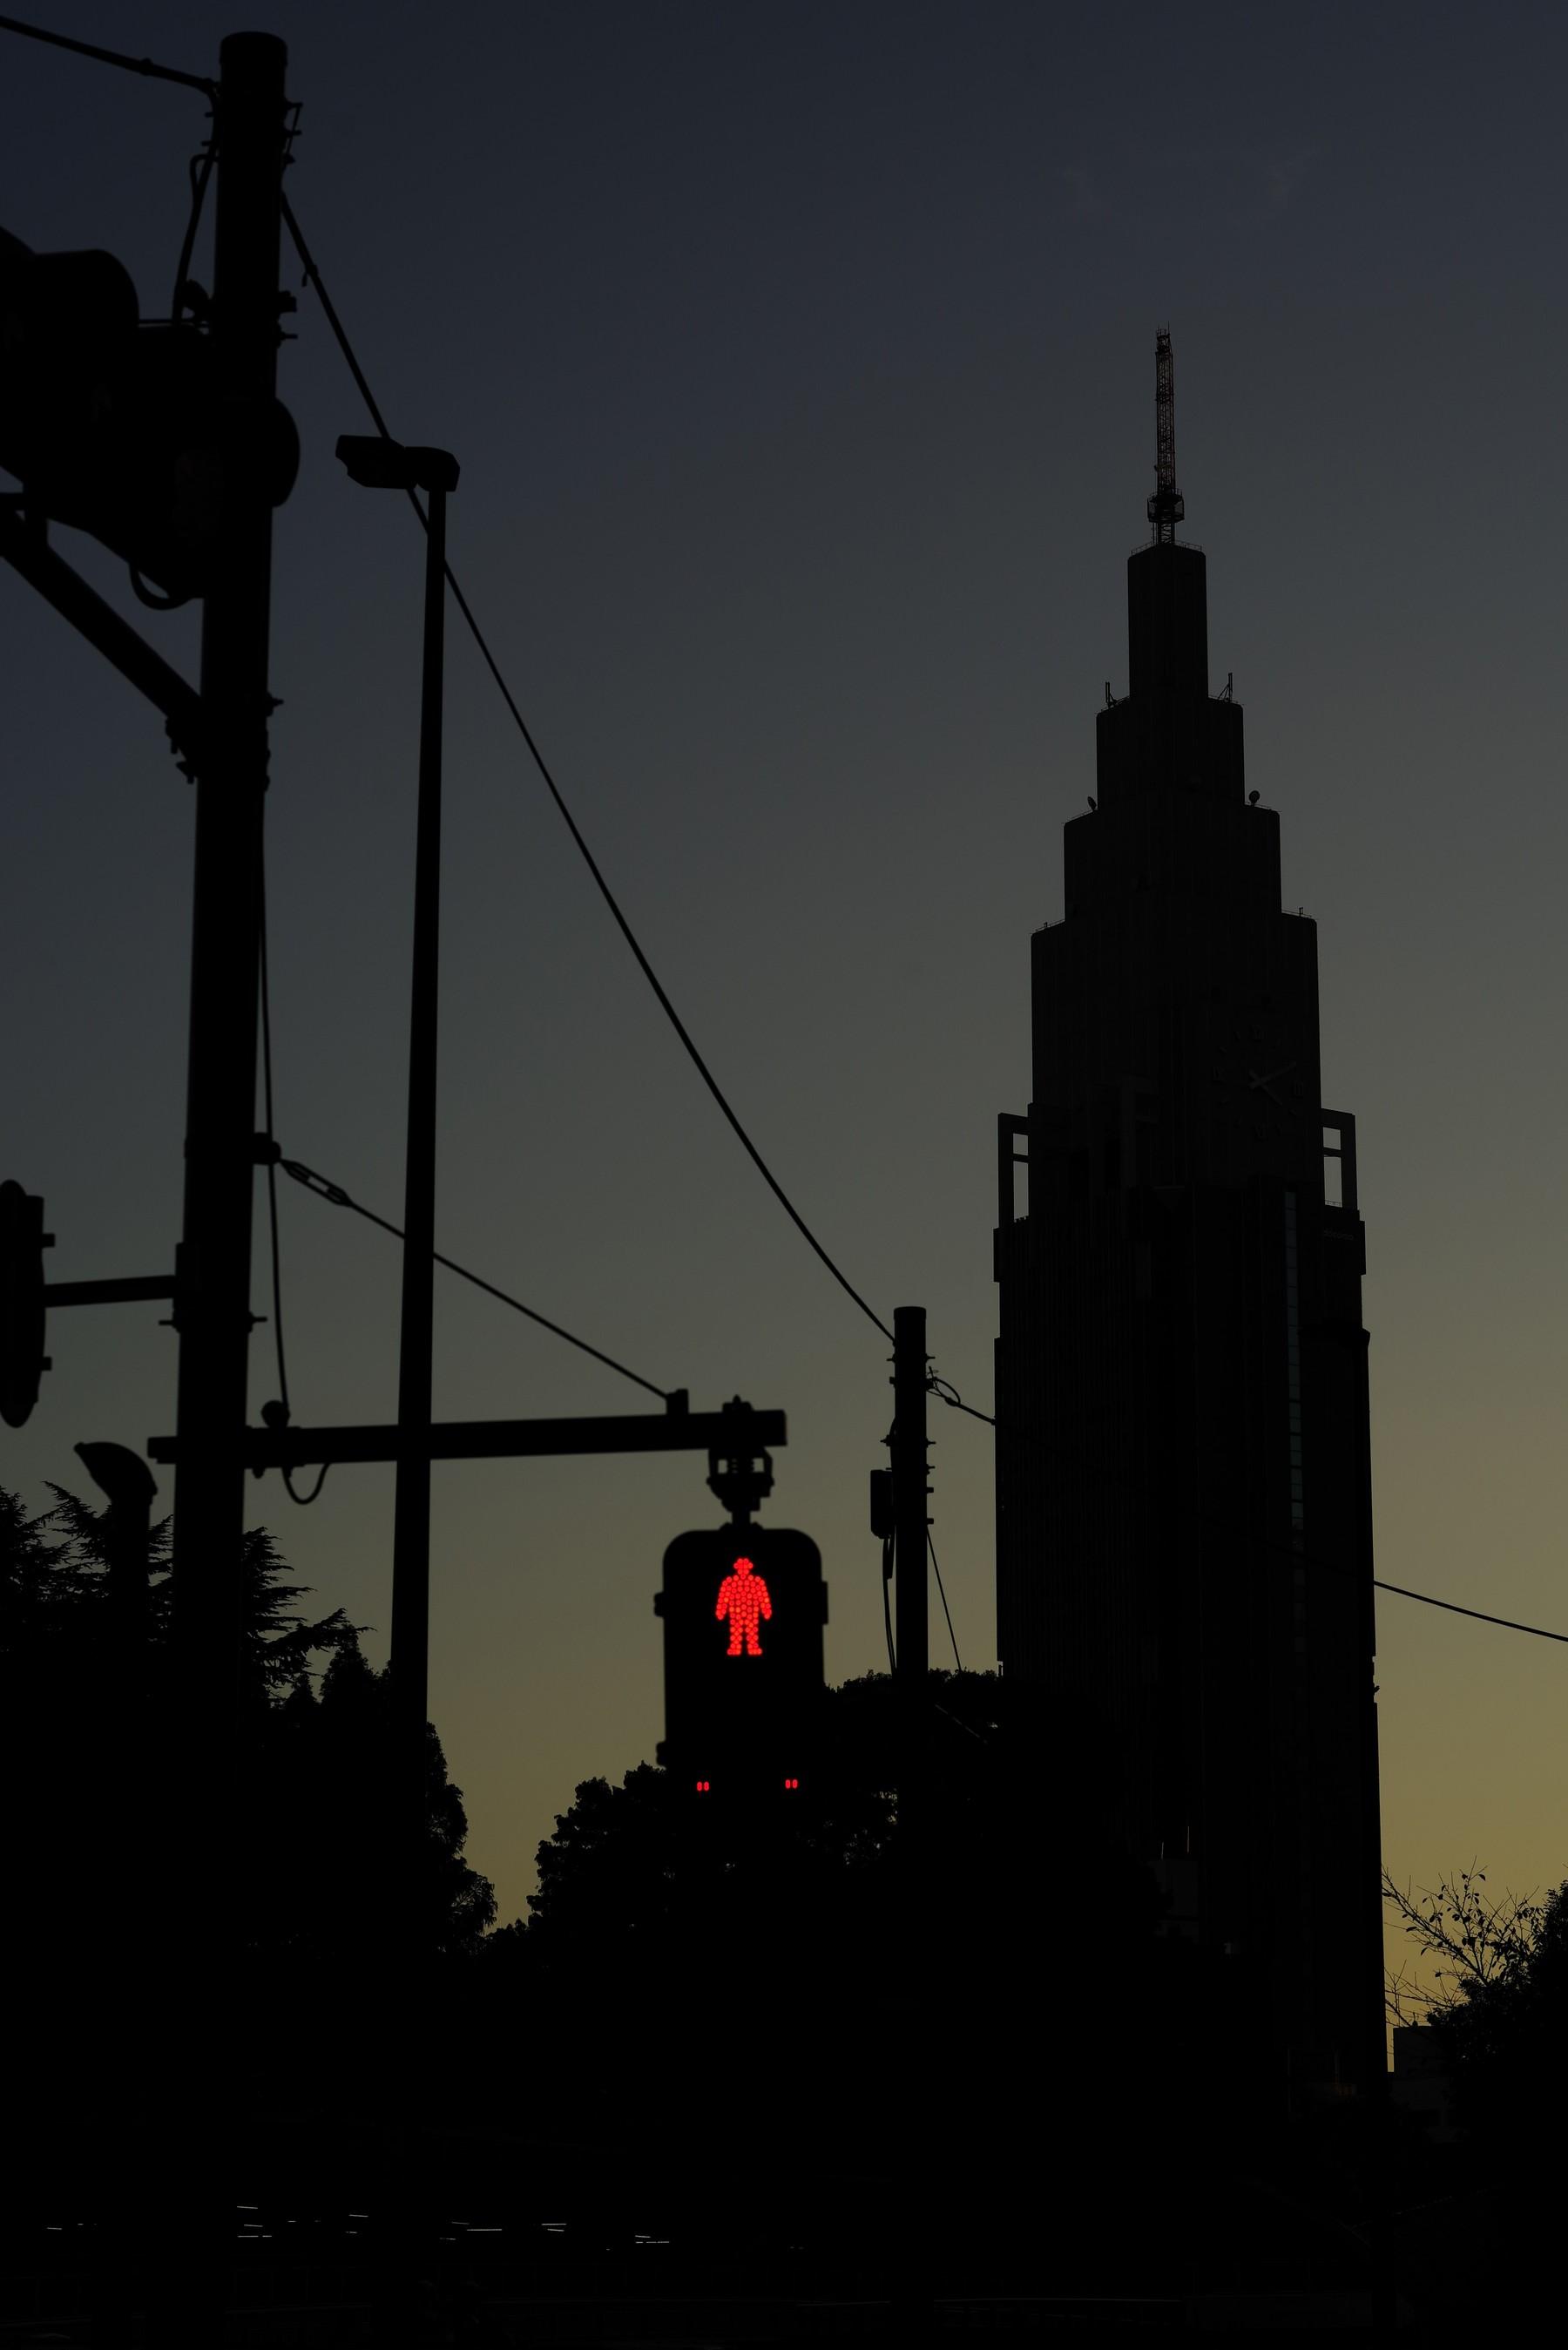 夕暮れリバーサルとドコモタワーの作例写真